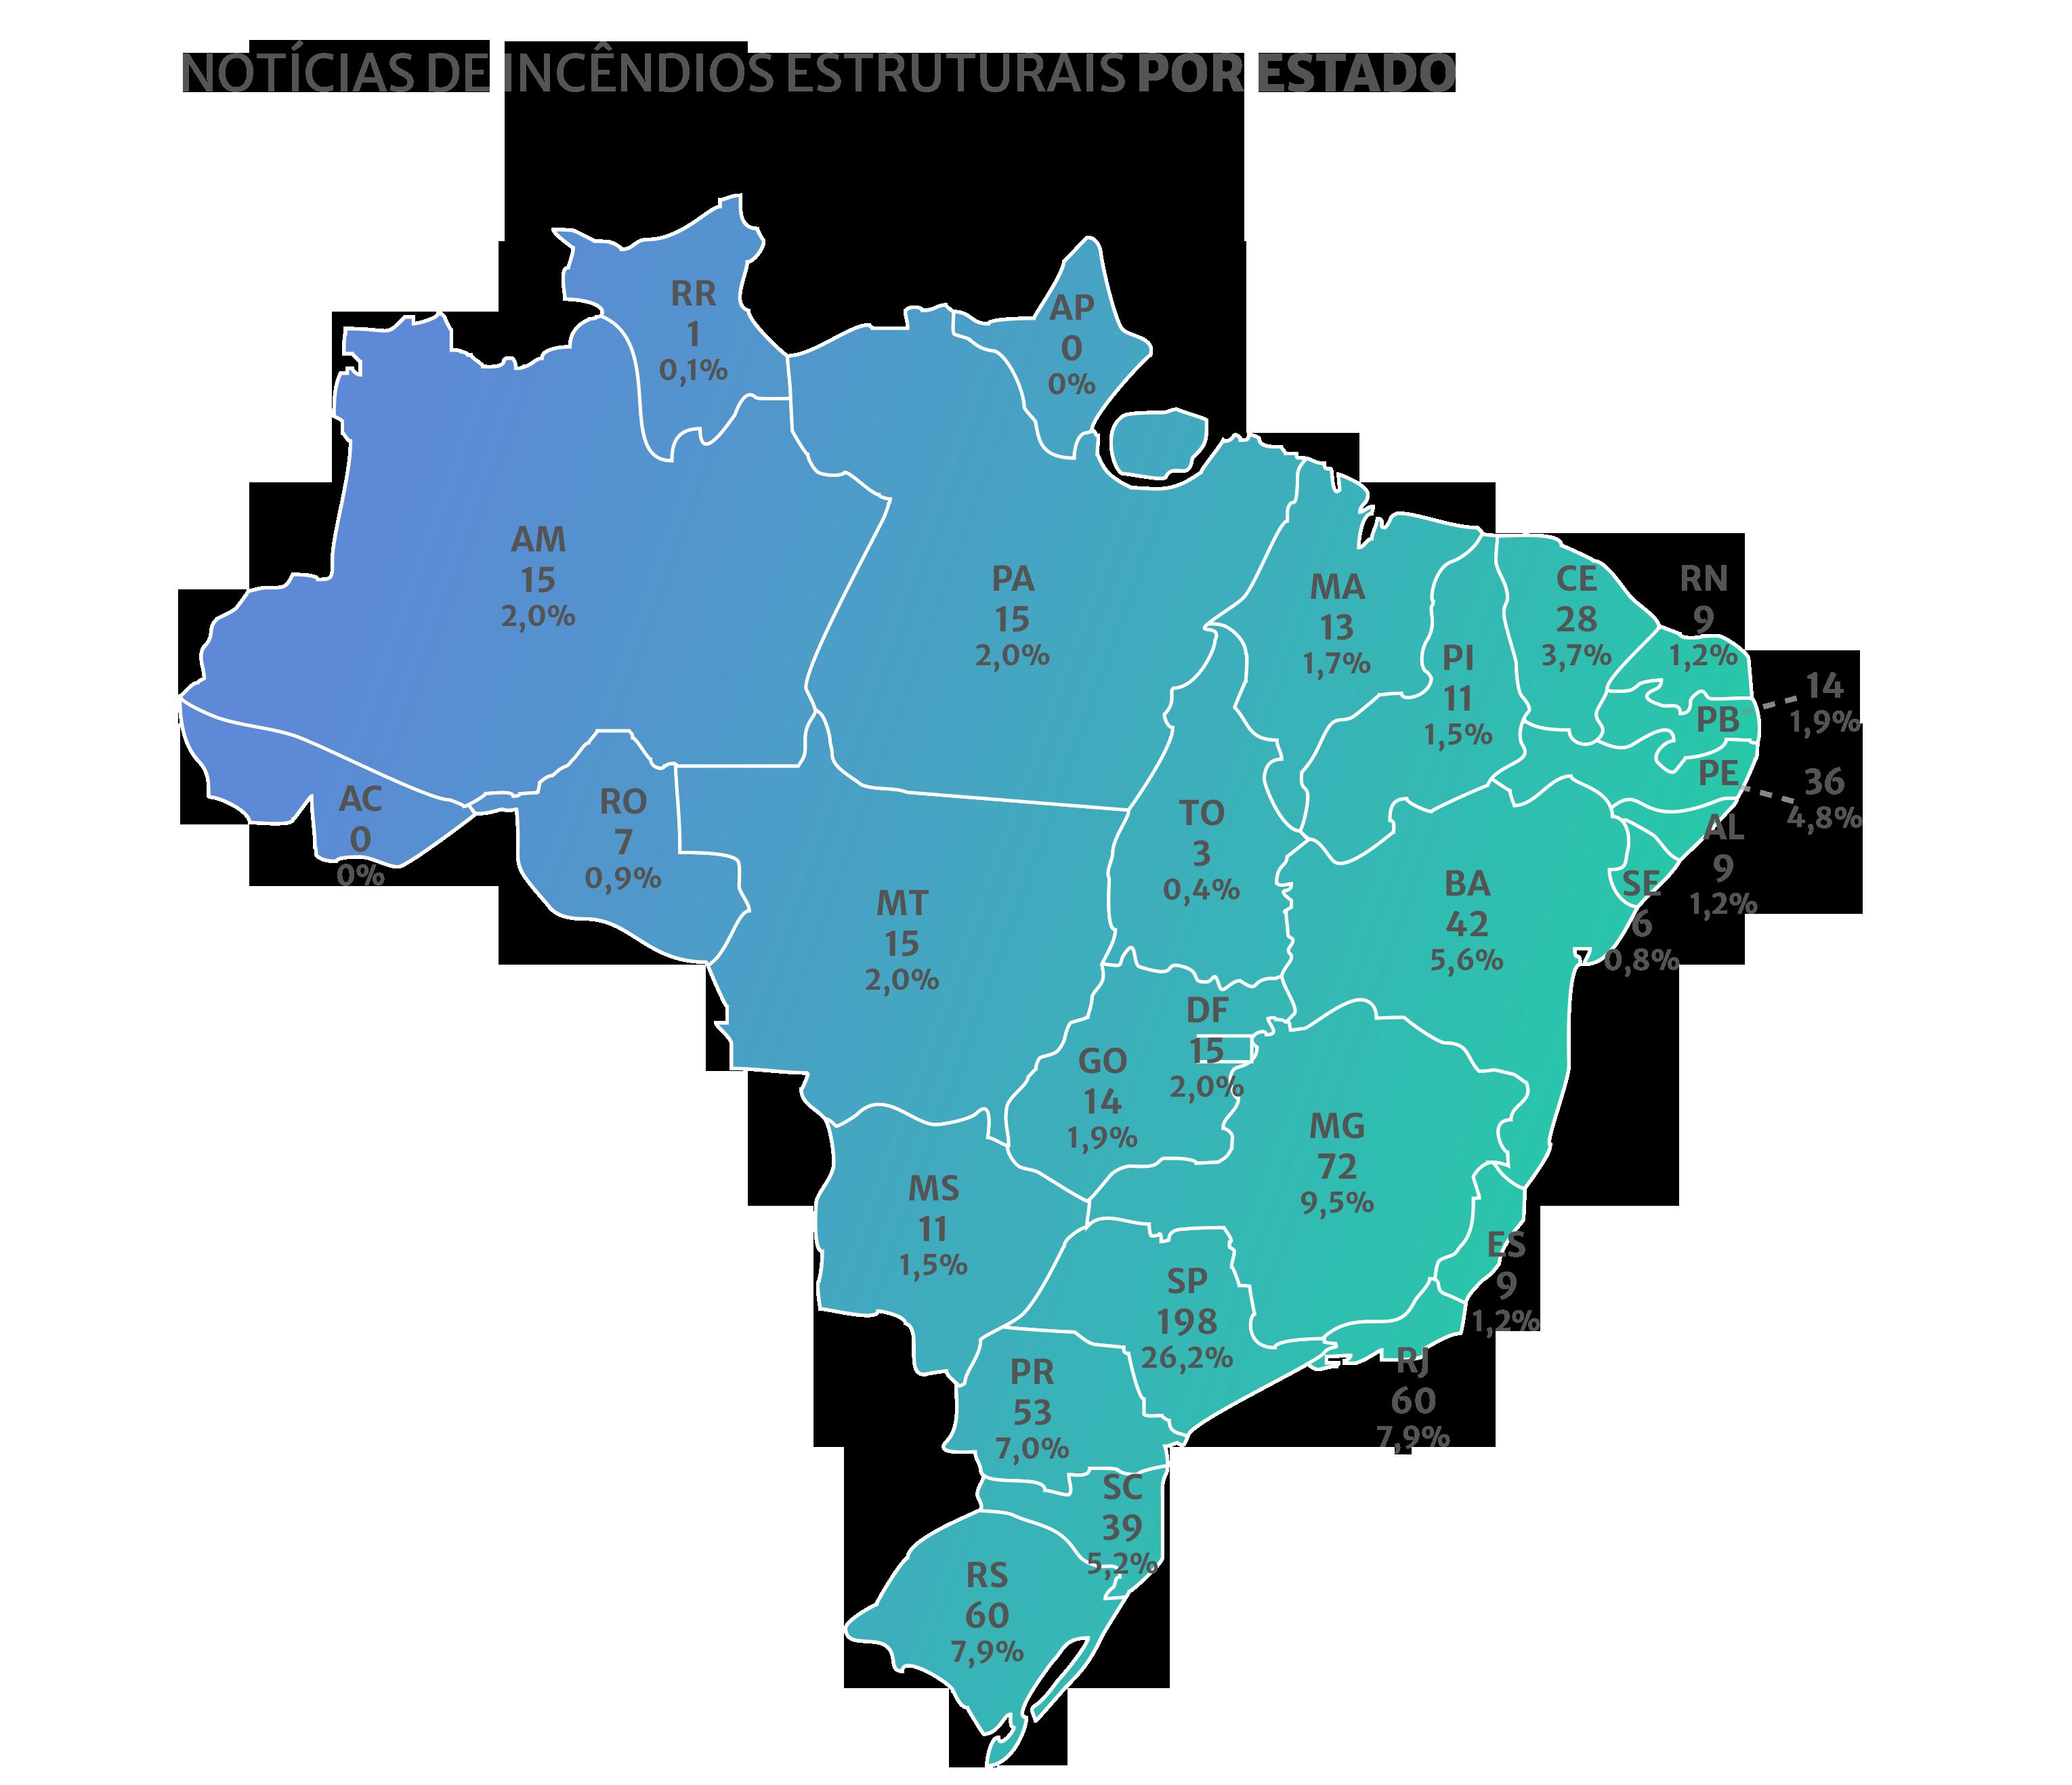 Mapa de notícias sobre incê